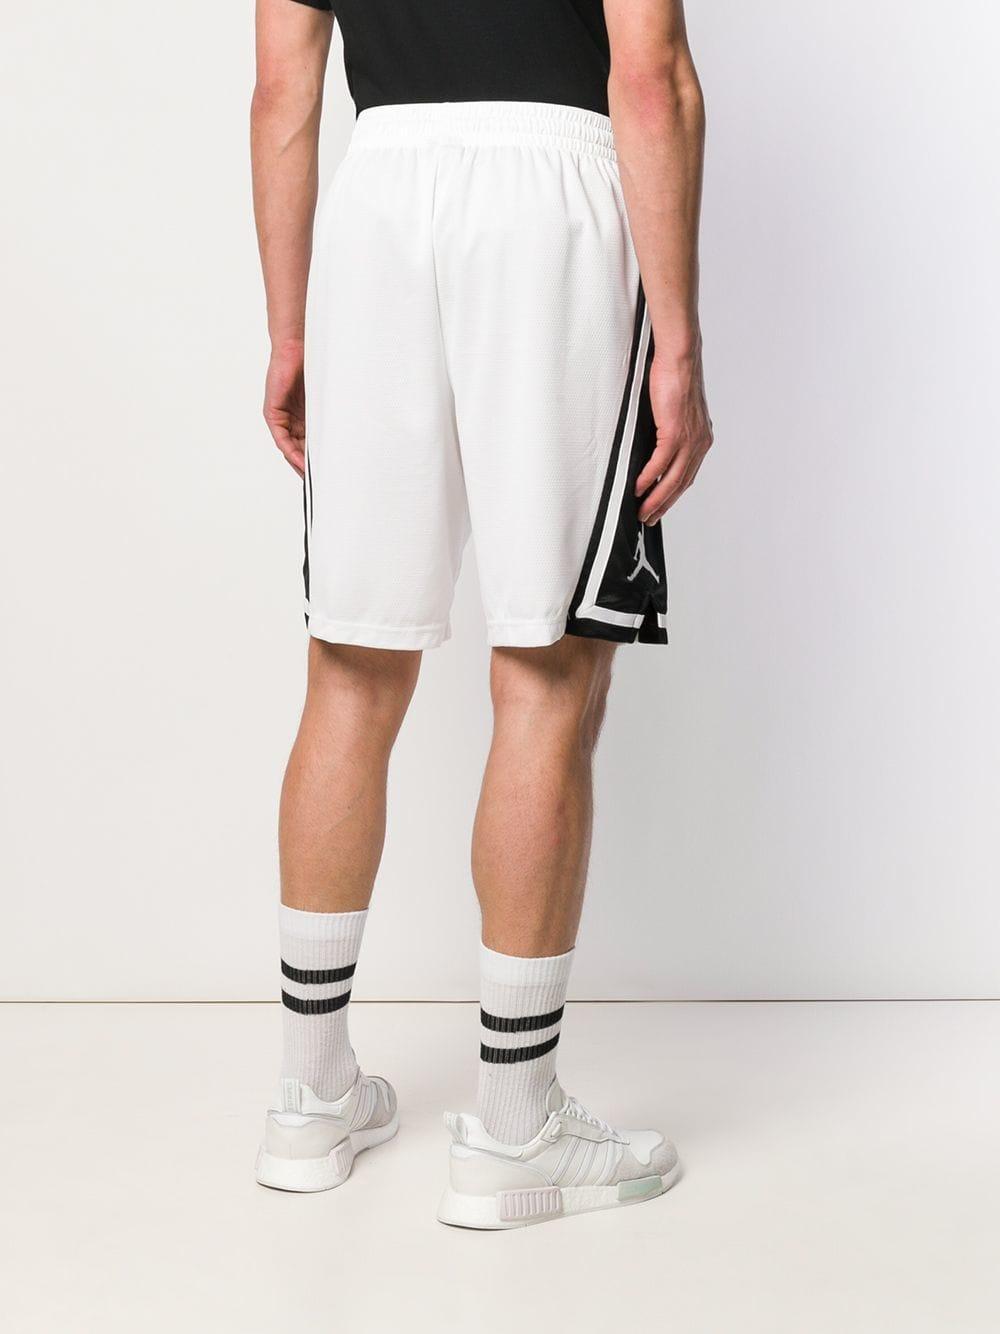 776335fda0d Nike Jordan Franchise Basketball Shorts in White for Men - Lyst